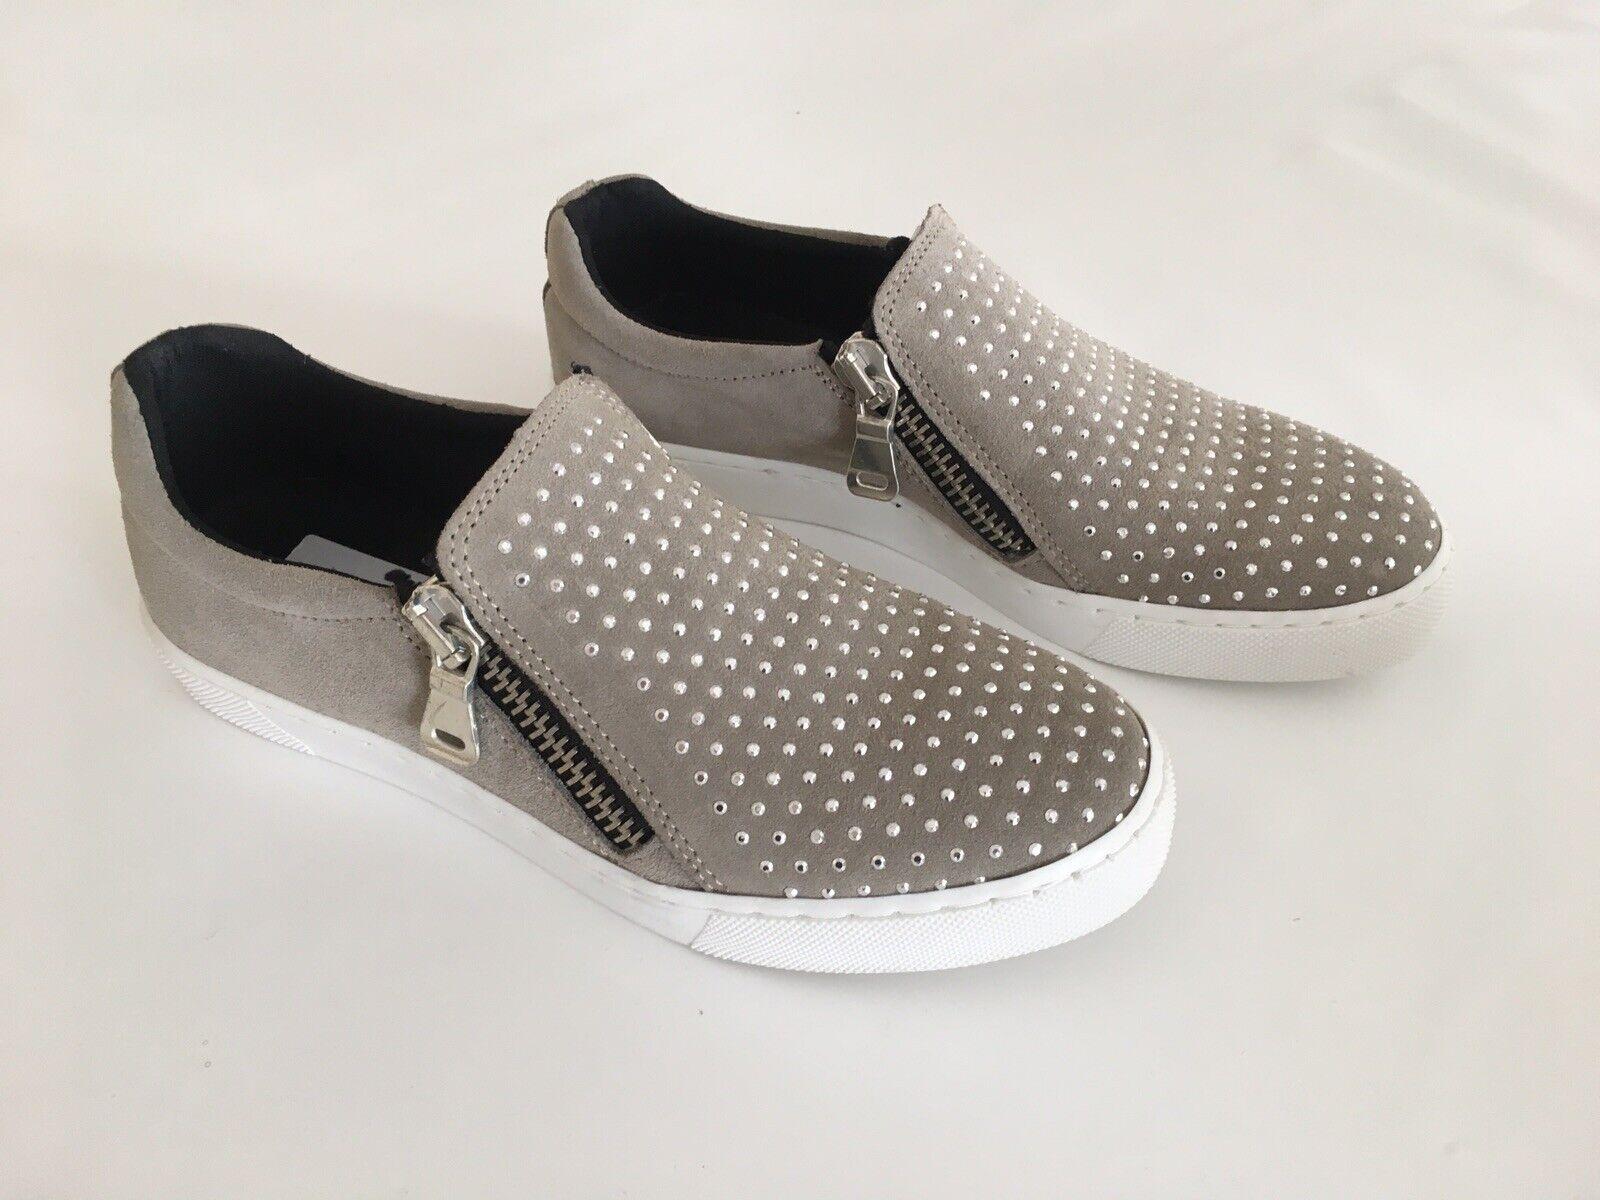 Das neue Männer Schuh Echtleder Sandalen Freizeit Strand